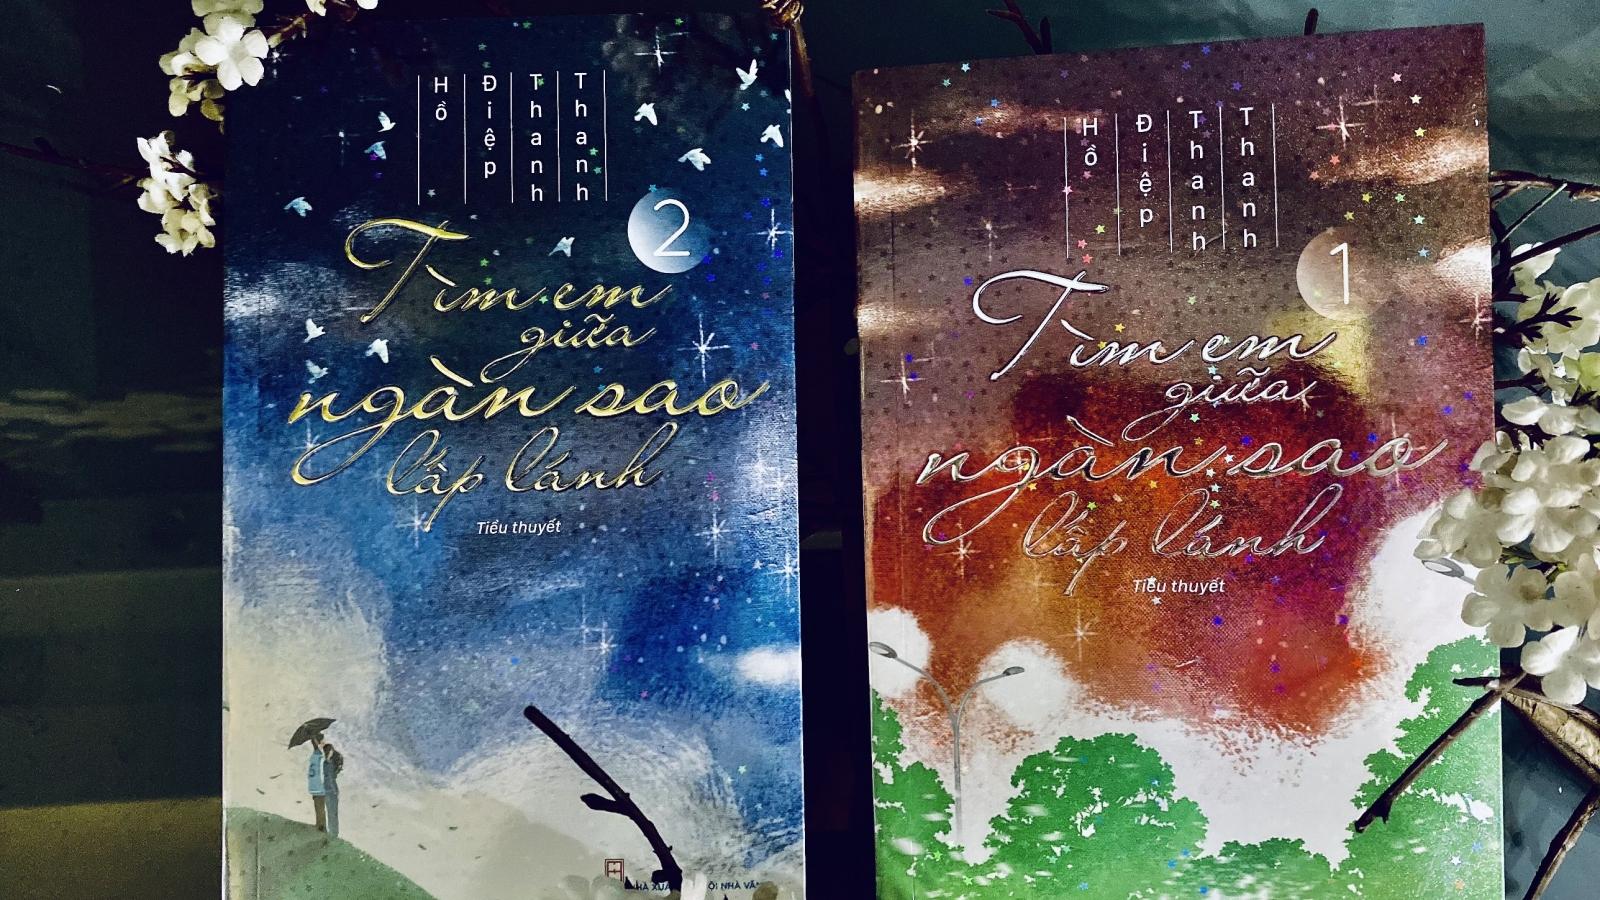 """""""Tìm em giữa ngàn sao lấp lánh"""": Tiểu thuyết lay động về tình yêu của cô gái bị ung thư"""